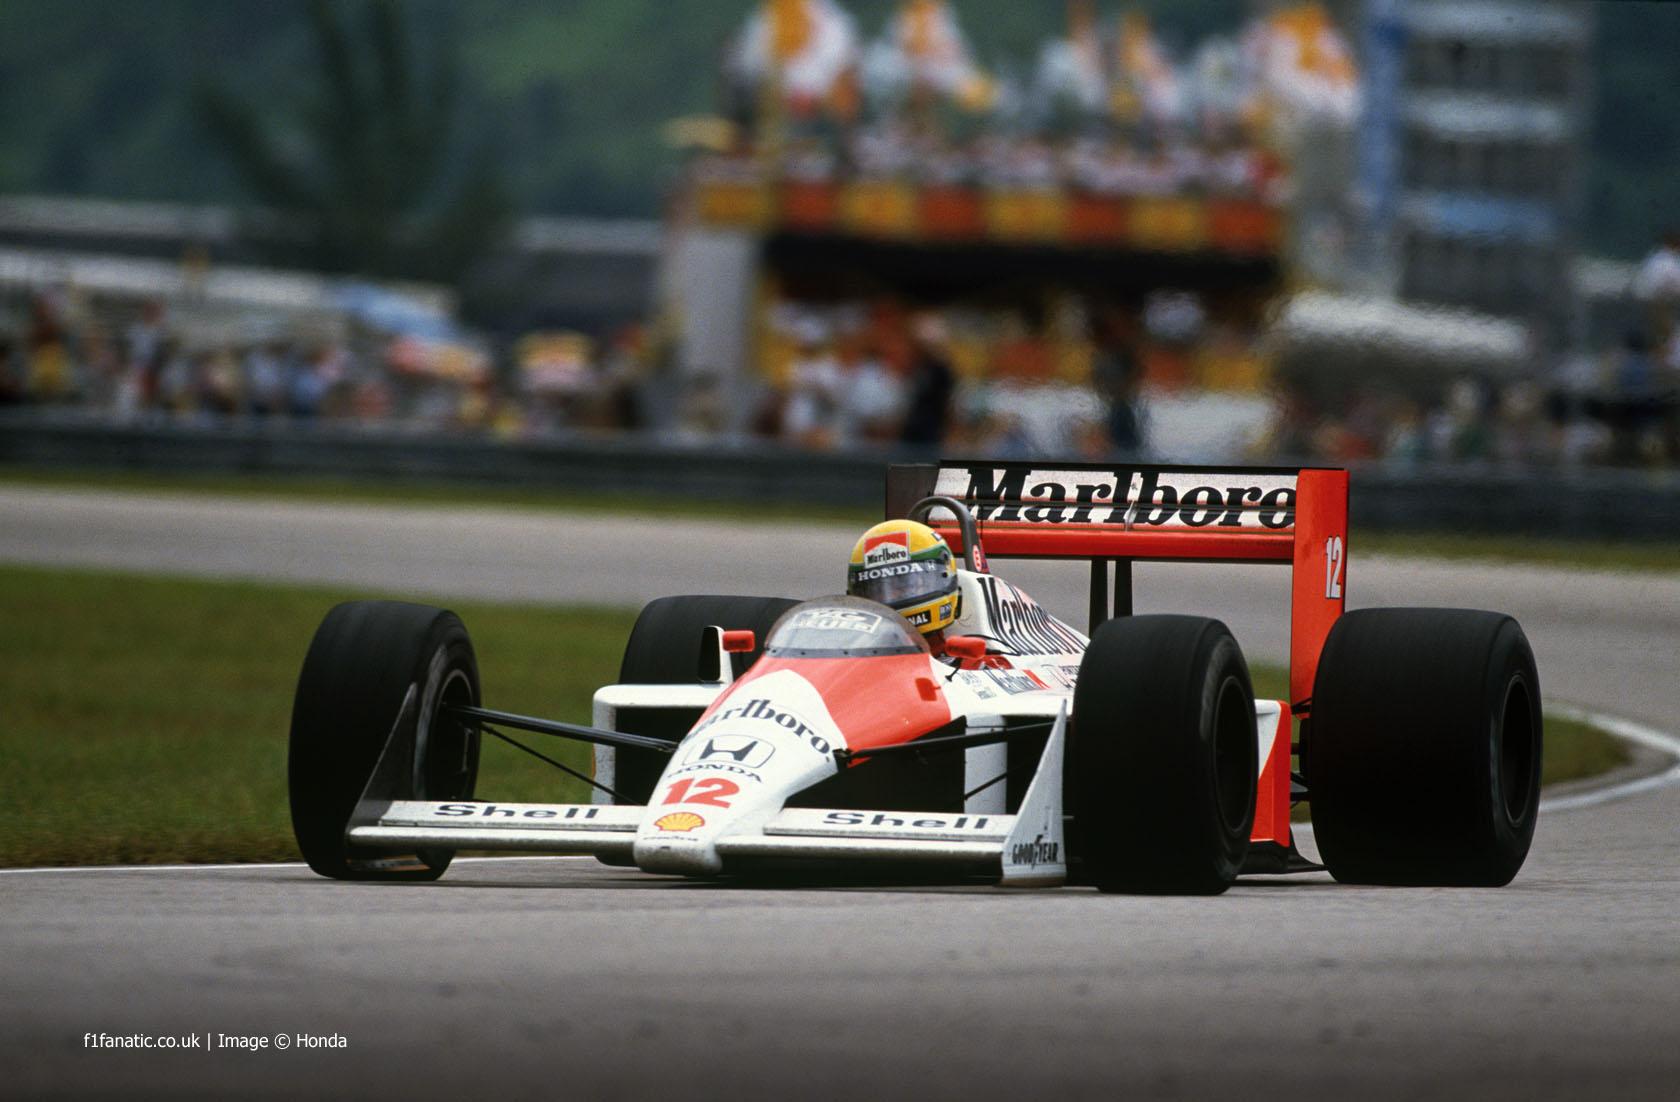 Ayrton Senna, McLaren, Jacarepagua, 1988